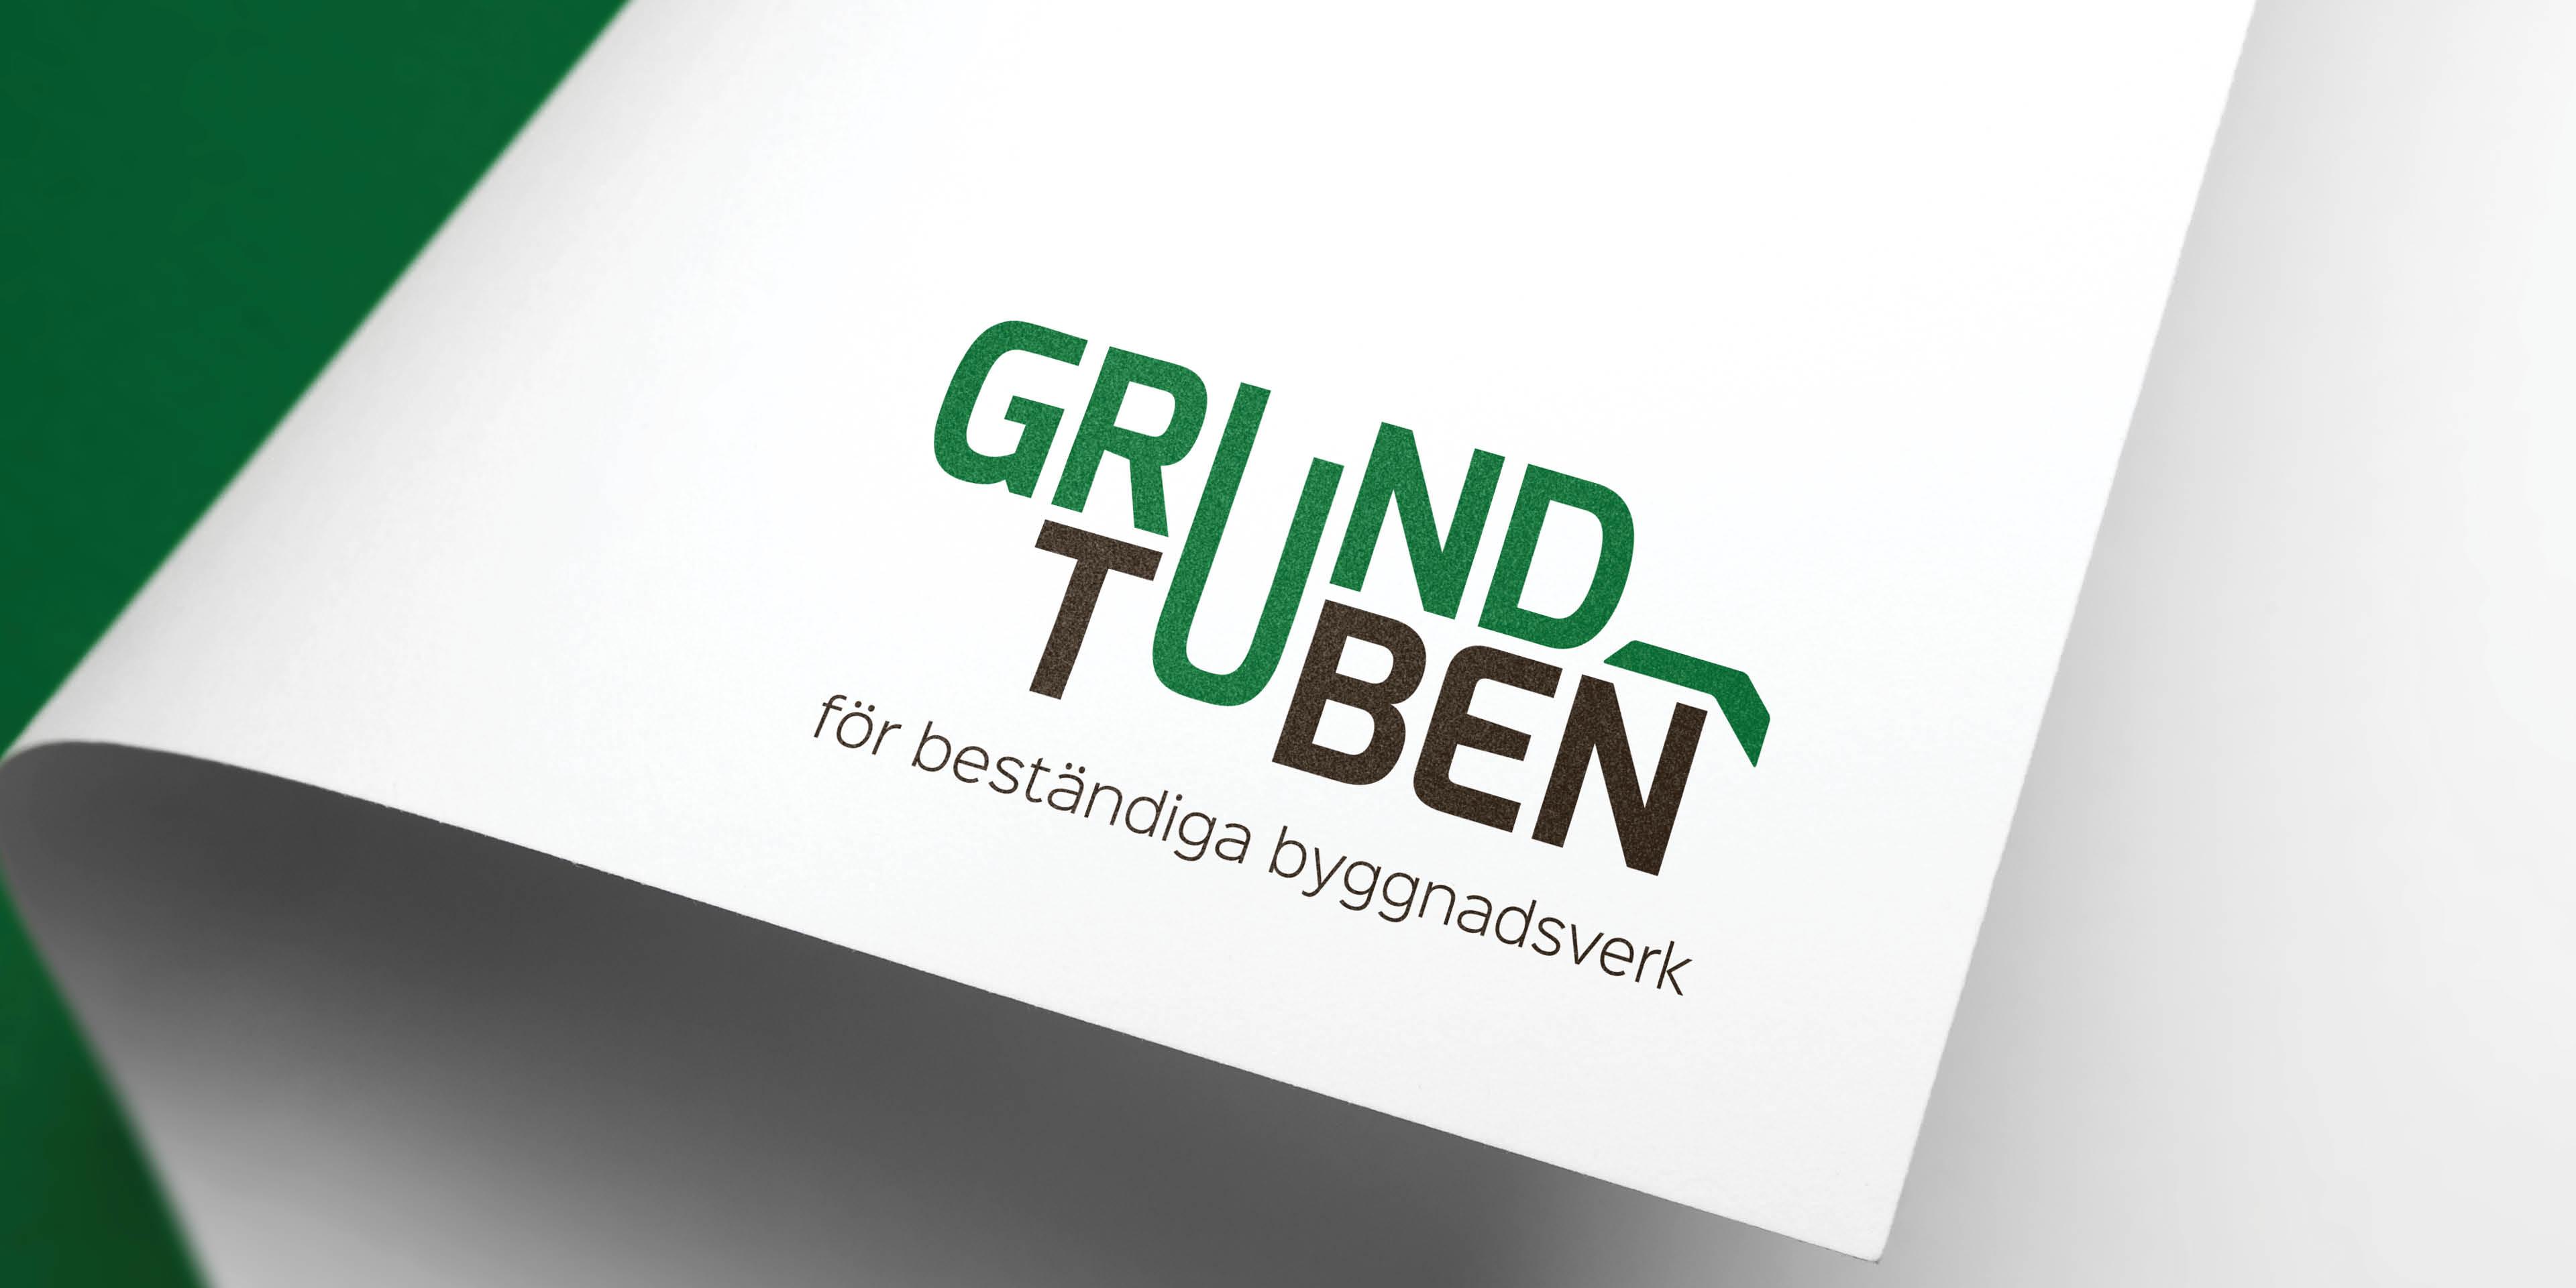 Logotyp för Grundtuben